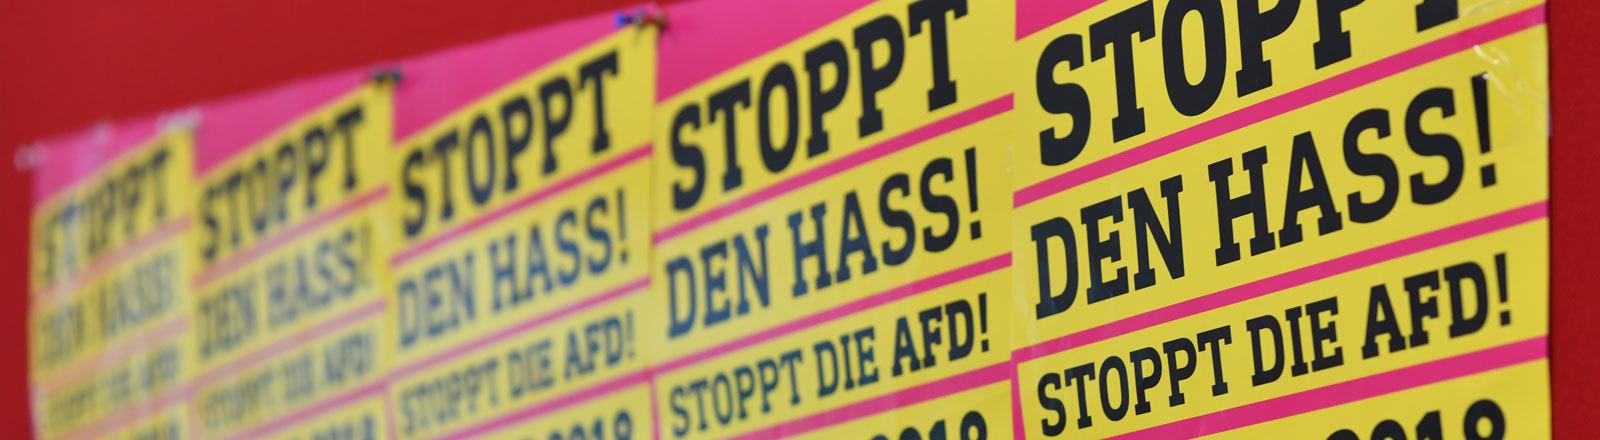 """23.05.2018, Berlin: Diese Plakate hängen bei einem Pressegespräch des Bündnisses """"Stoppt den Hass - Stoppt die AfD"""" an einer Wand. Das Bündnis will gegen die AfD-Demonstration """"Zukunft Deutschland"""" am 27.05.2018 mit zahlreichen Aktionen protestieren."""